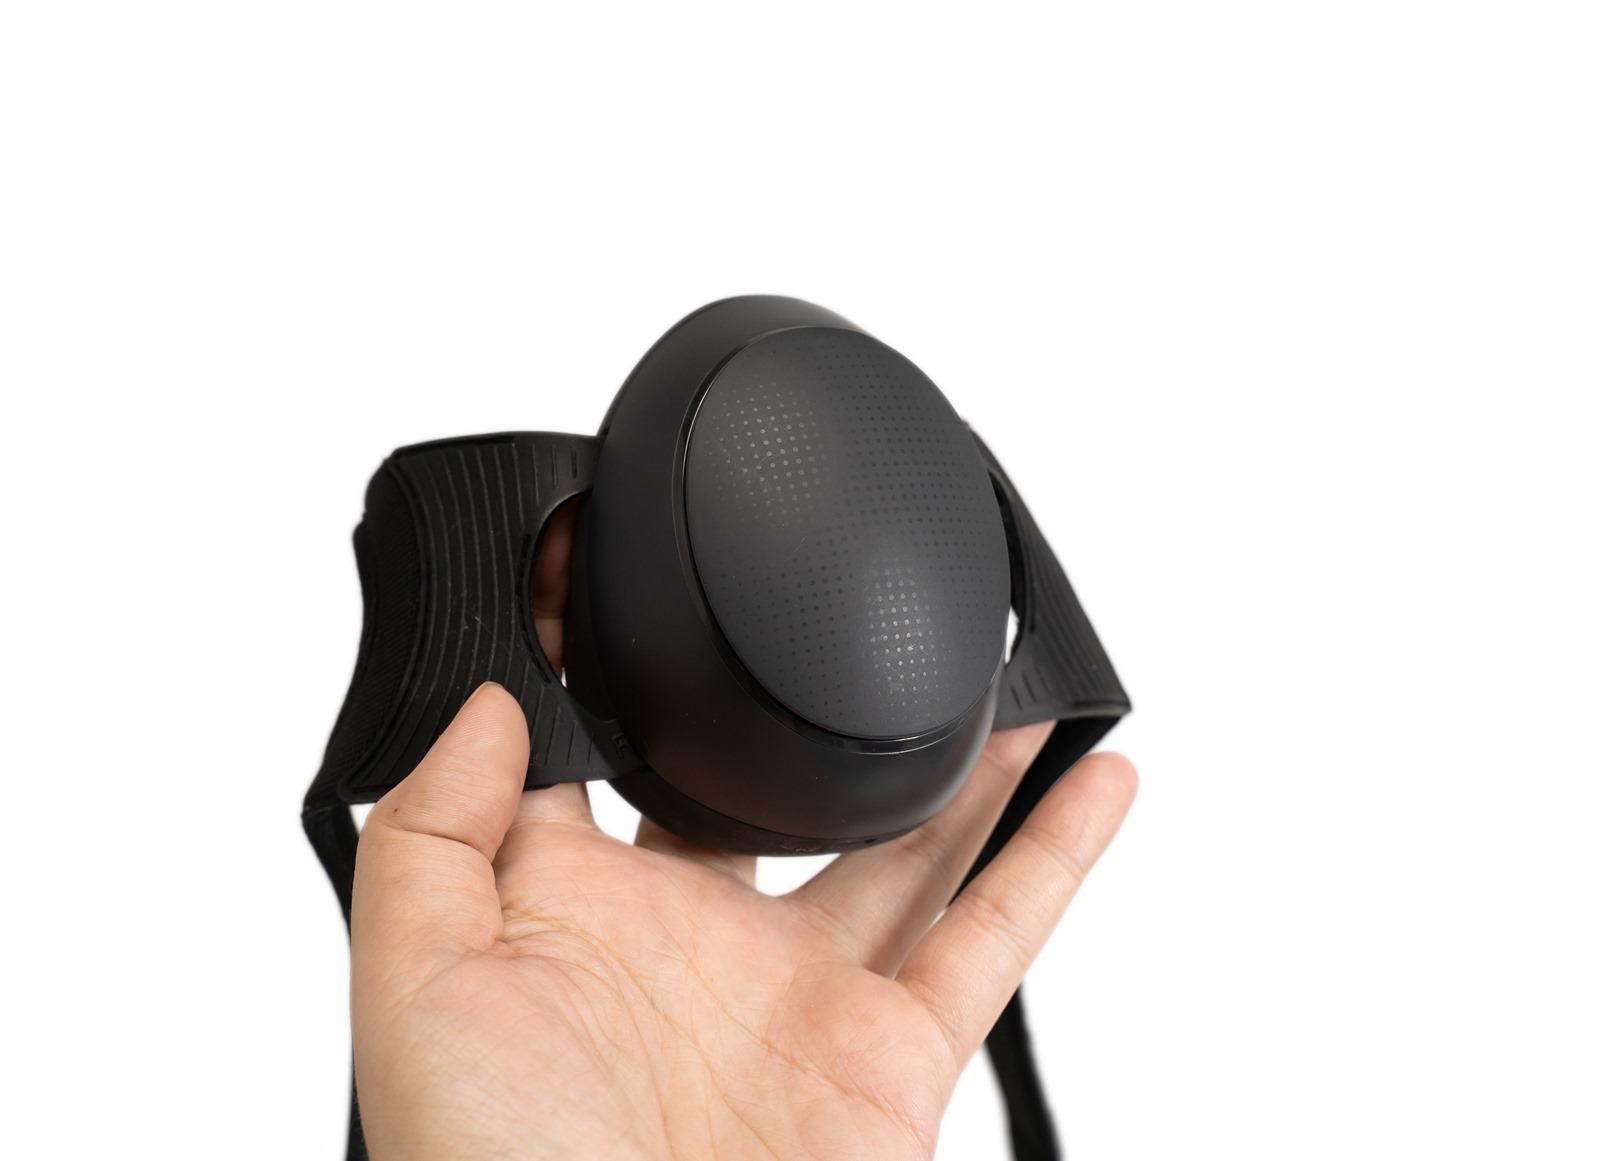 空汙警報來襲!交給 Honeywell 智慧型動空氣清淨機,N95 等級濾芯輕鬆對抗空汙,隨時隨地乾淨呼吸 @3C 達人廖阿輝